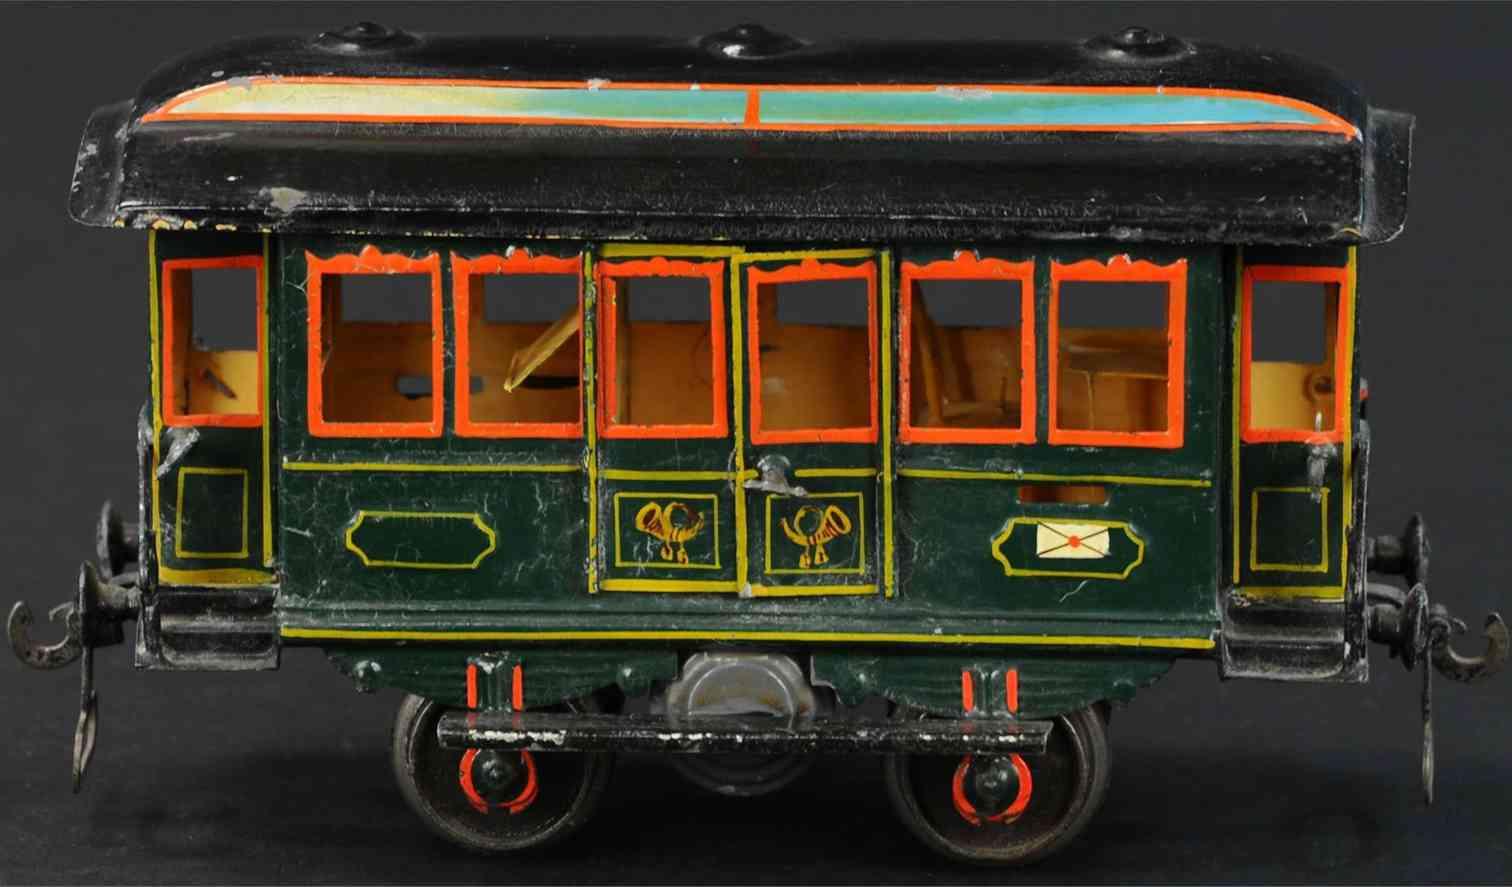 maerklin 1822/1 spielzeug eisenbahn postwagen gruen gaszylinder spur 1